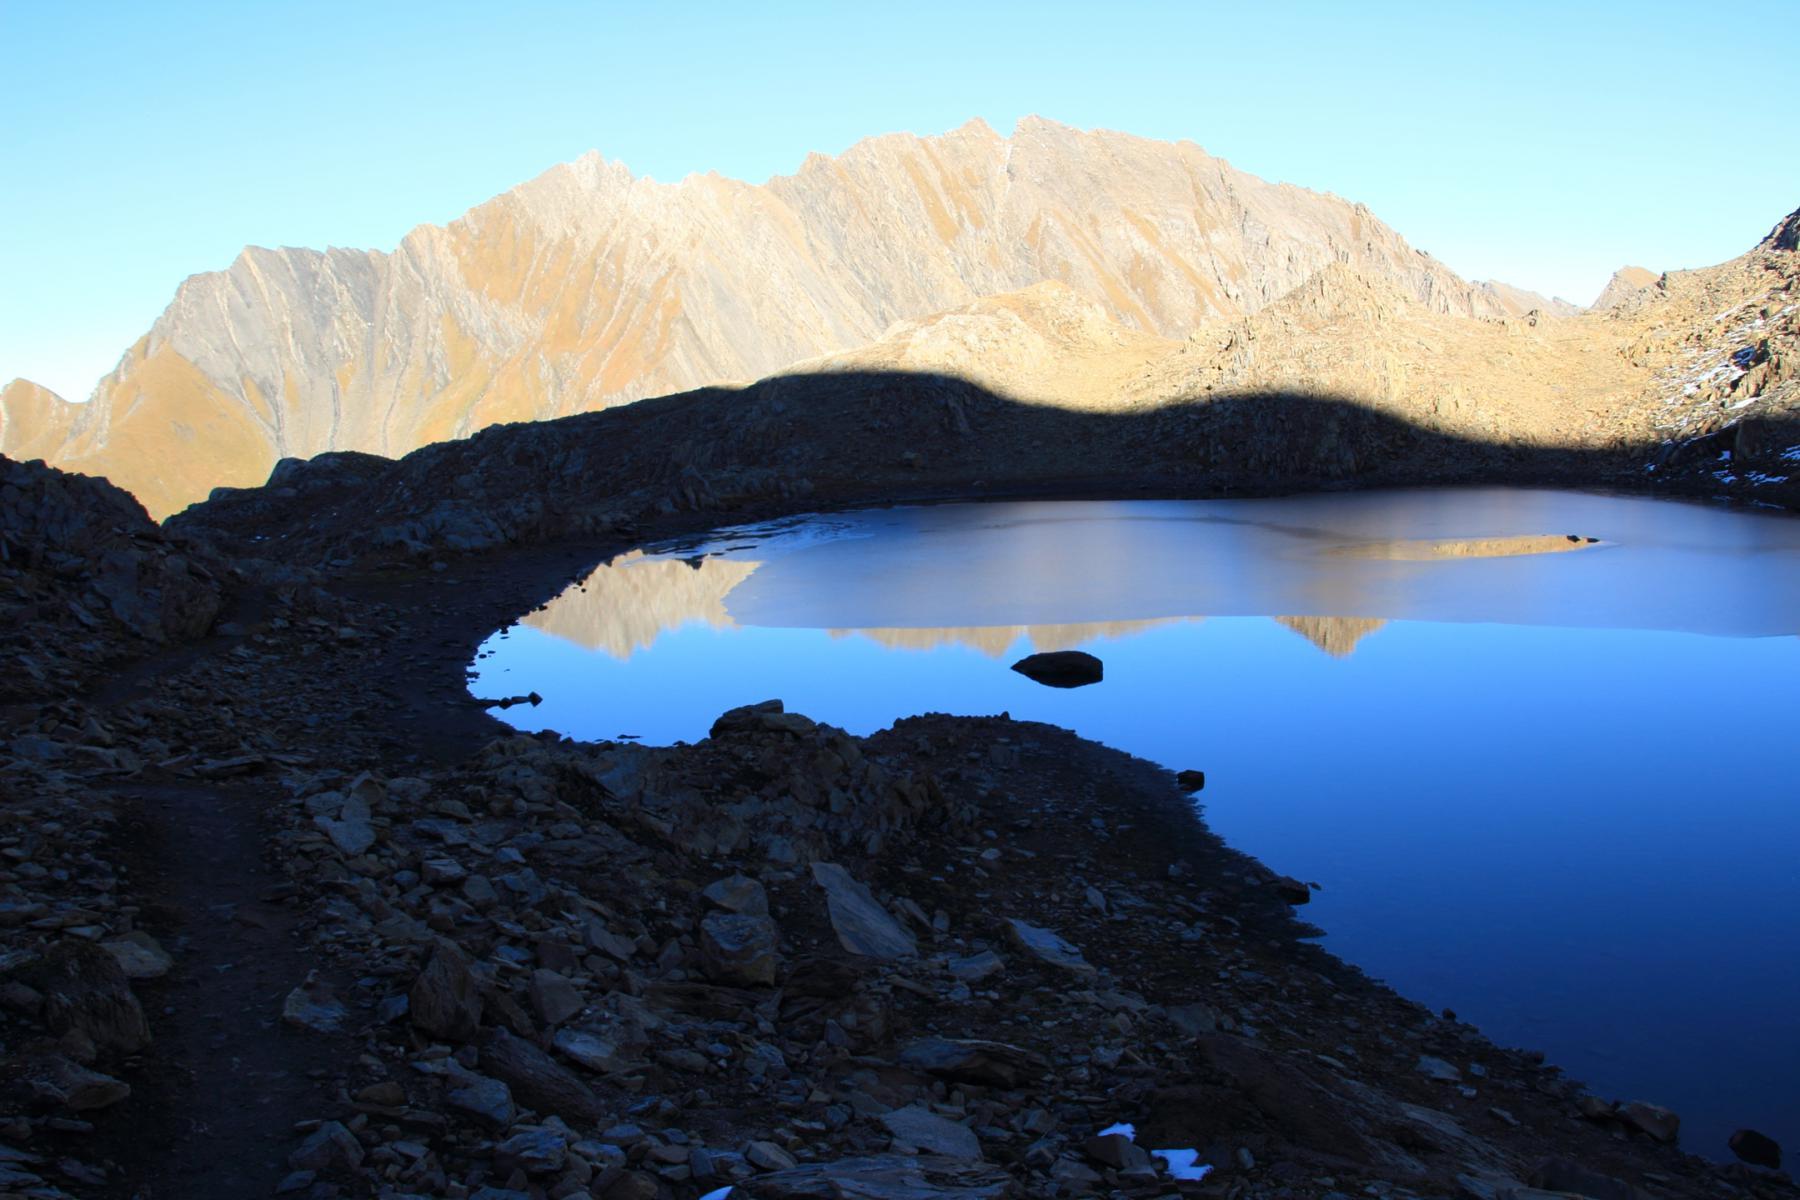 ripassando nei pressi del piccolo laghetto sotto la cima